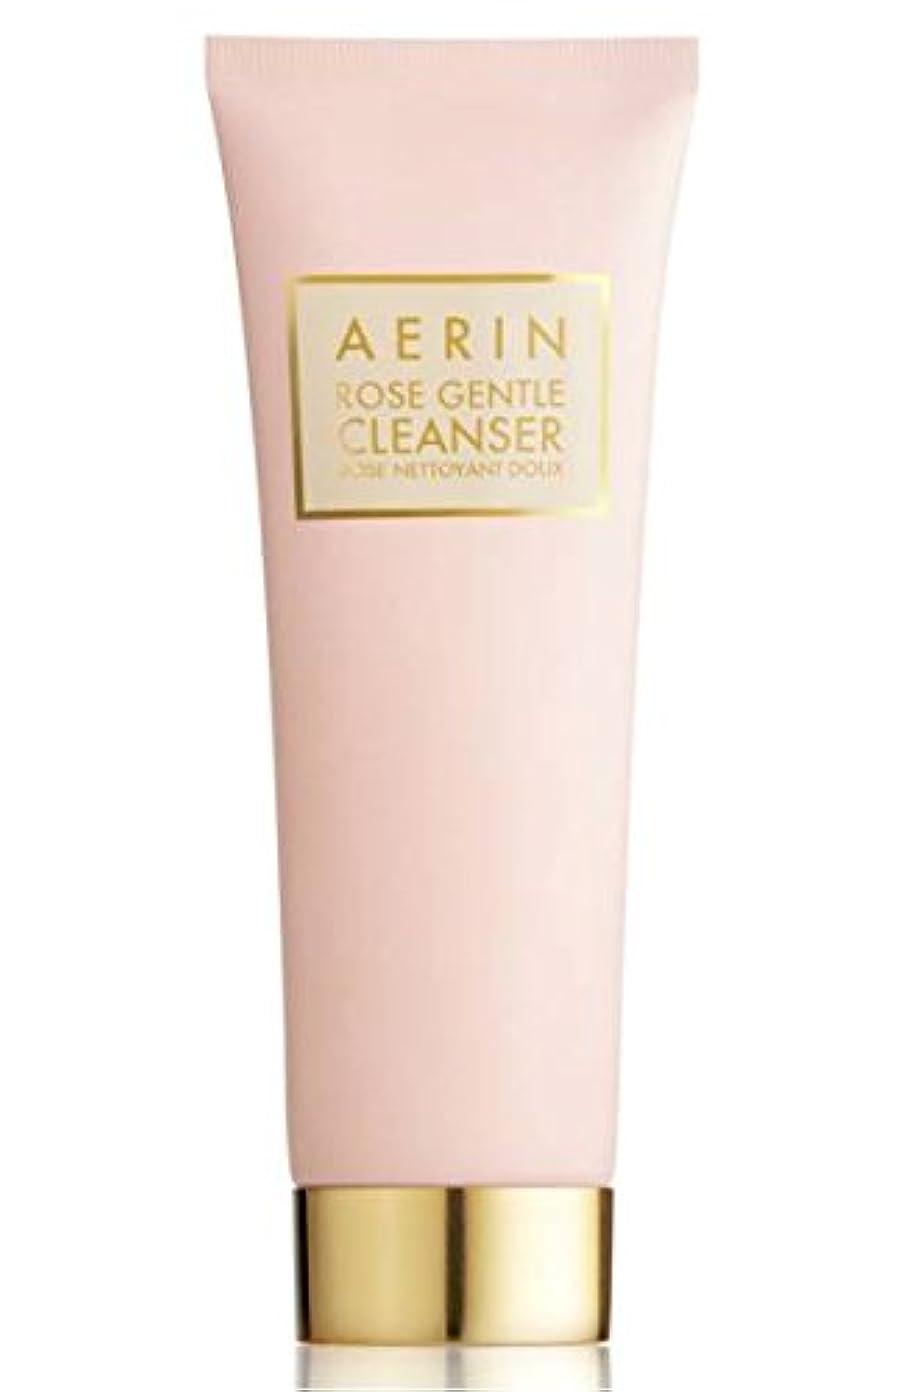 誘惑プロテスタント逆説AERIN Rose Gentle Cleanser(アエリン ローズ ジェントル クレンザー) 4.2 oz (126ml) by Estee Lauder